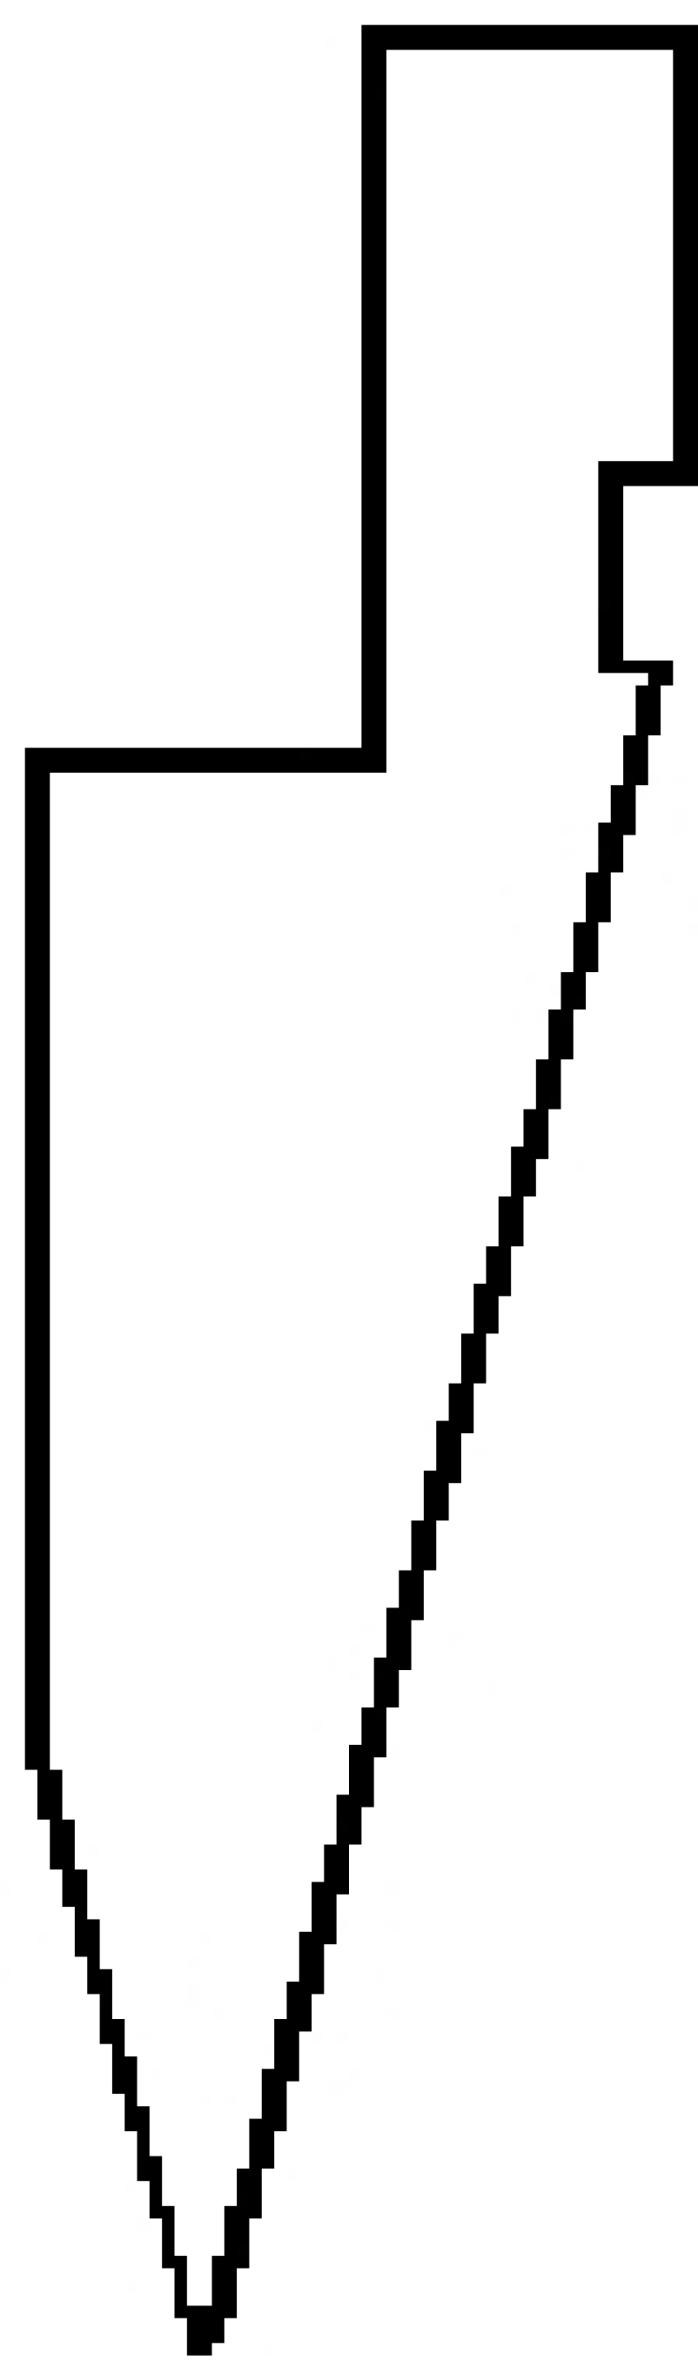 锐角直刀103(10380)